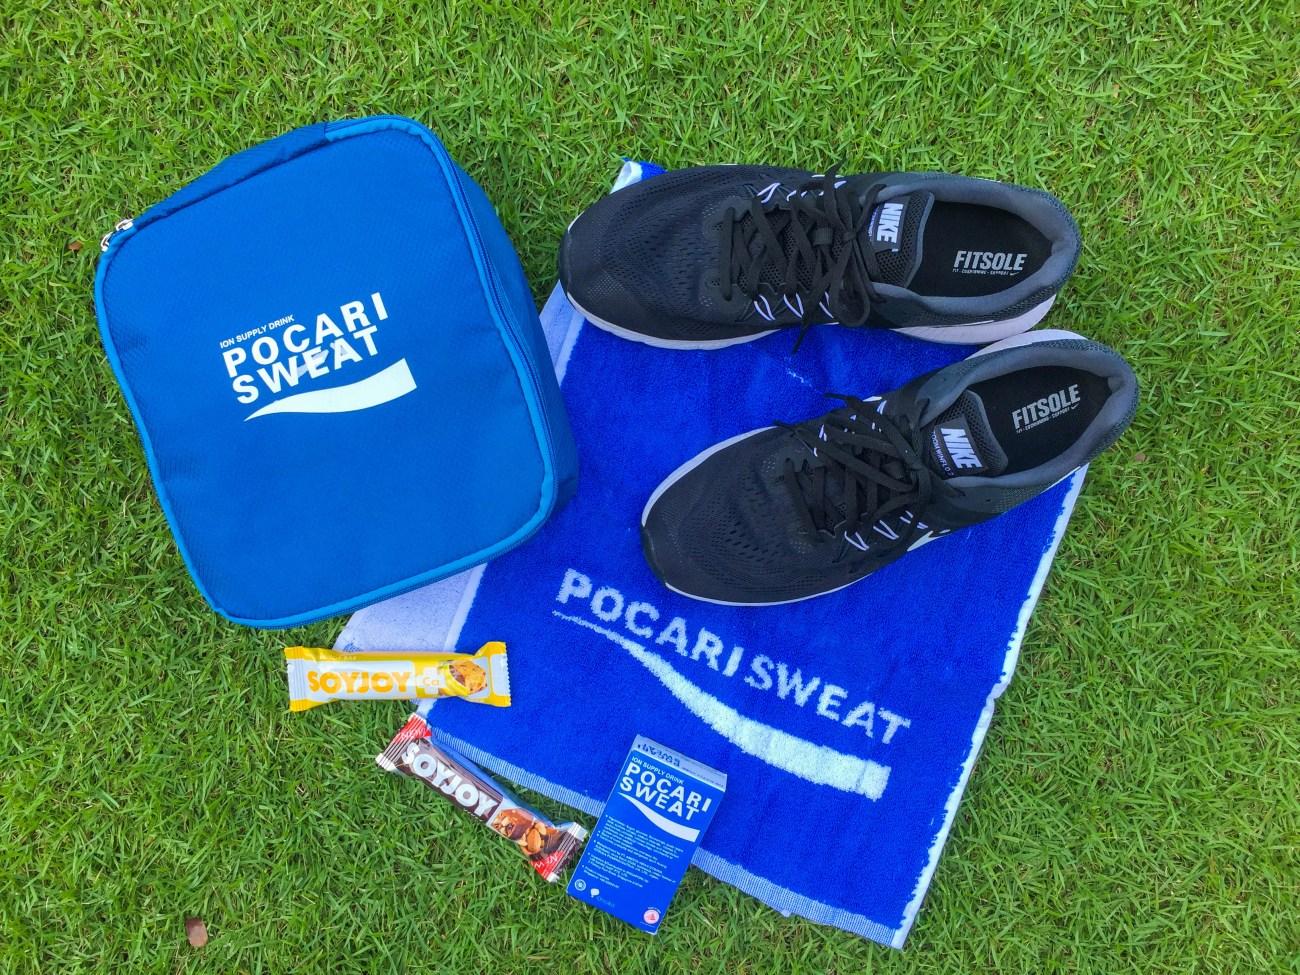 Pocari_Sweat-1